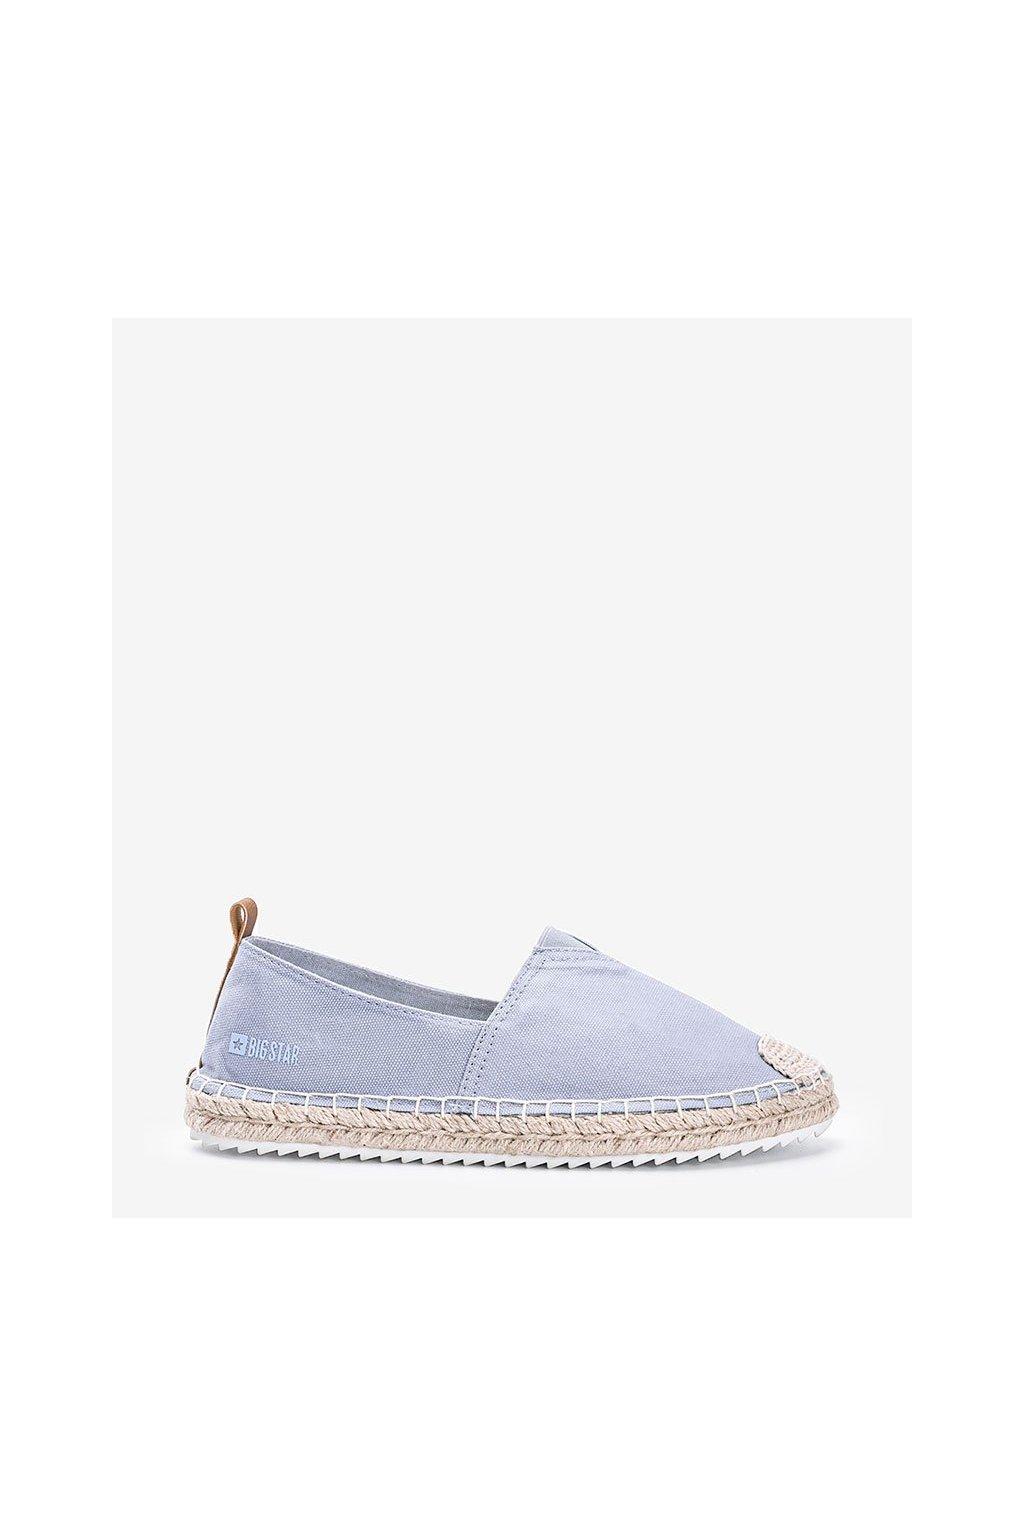 Dámske topánky espadrilky modré kód HH274497 - GM